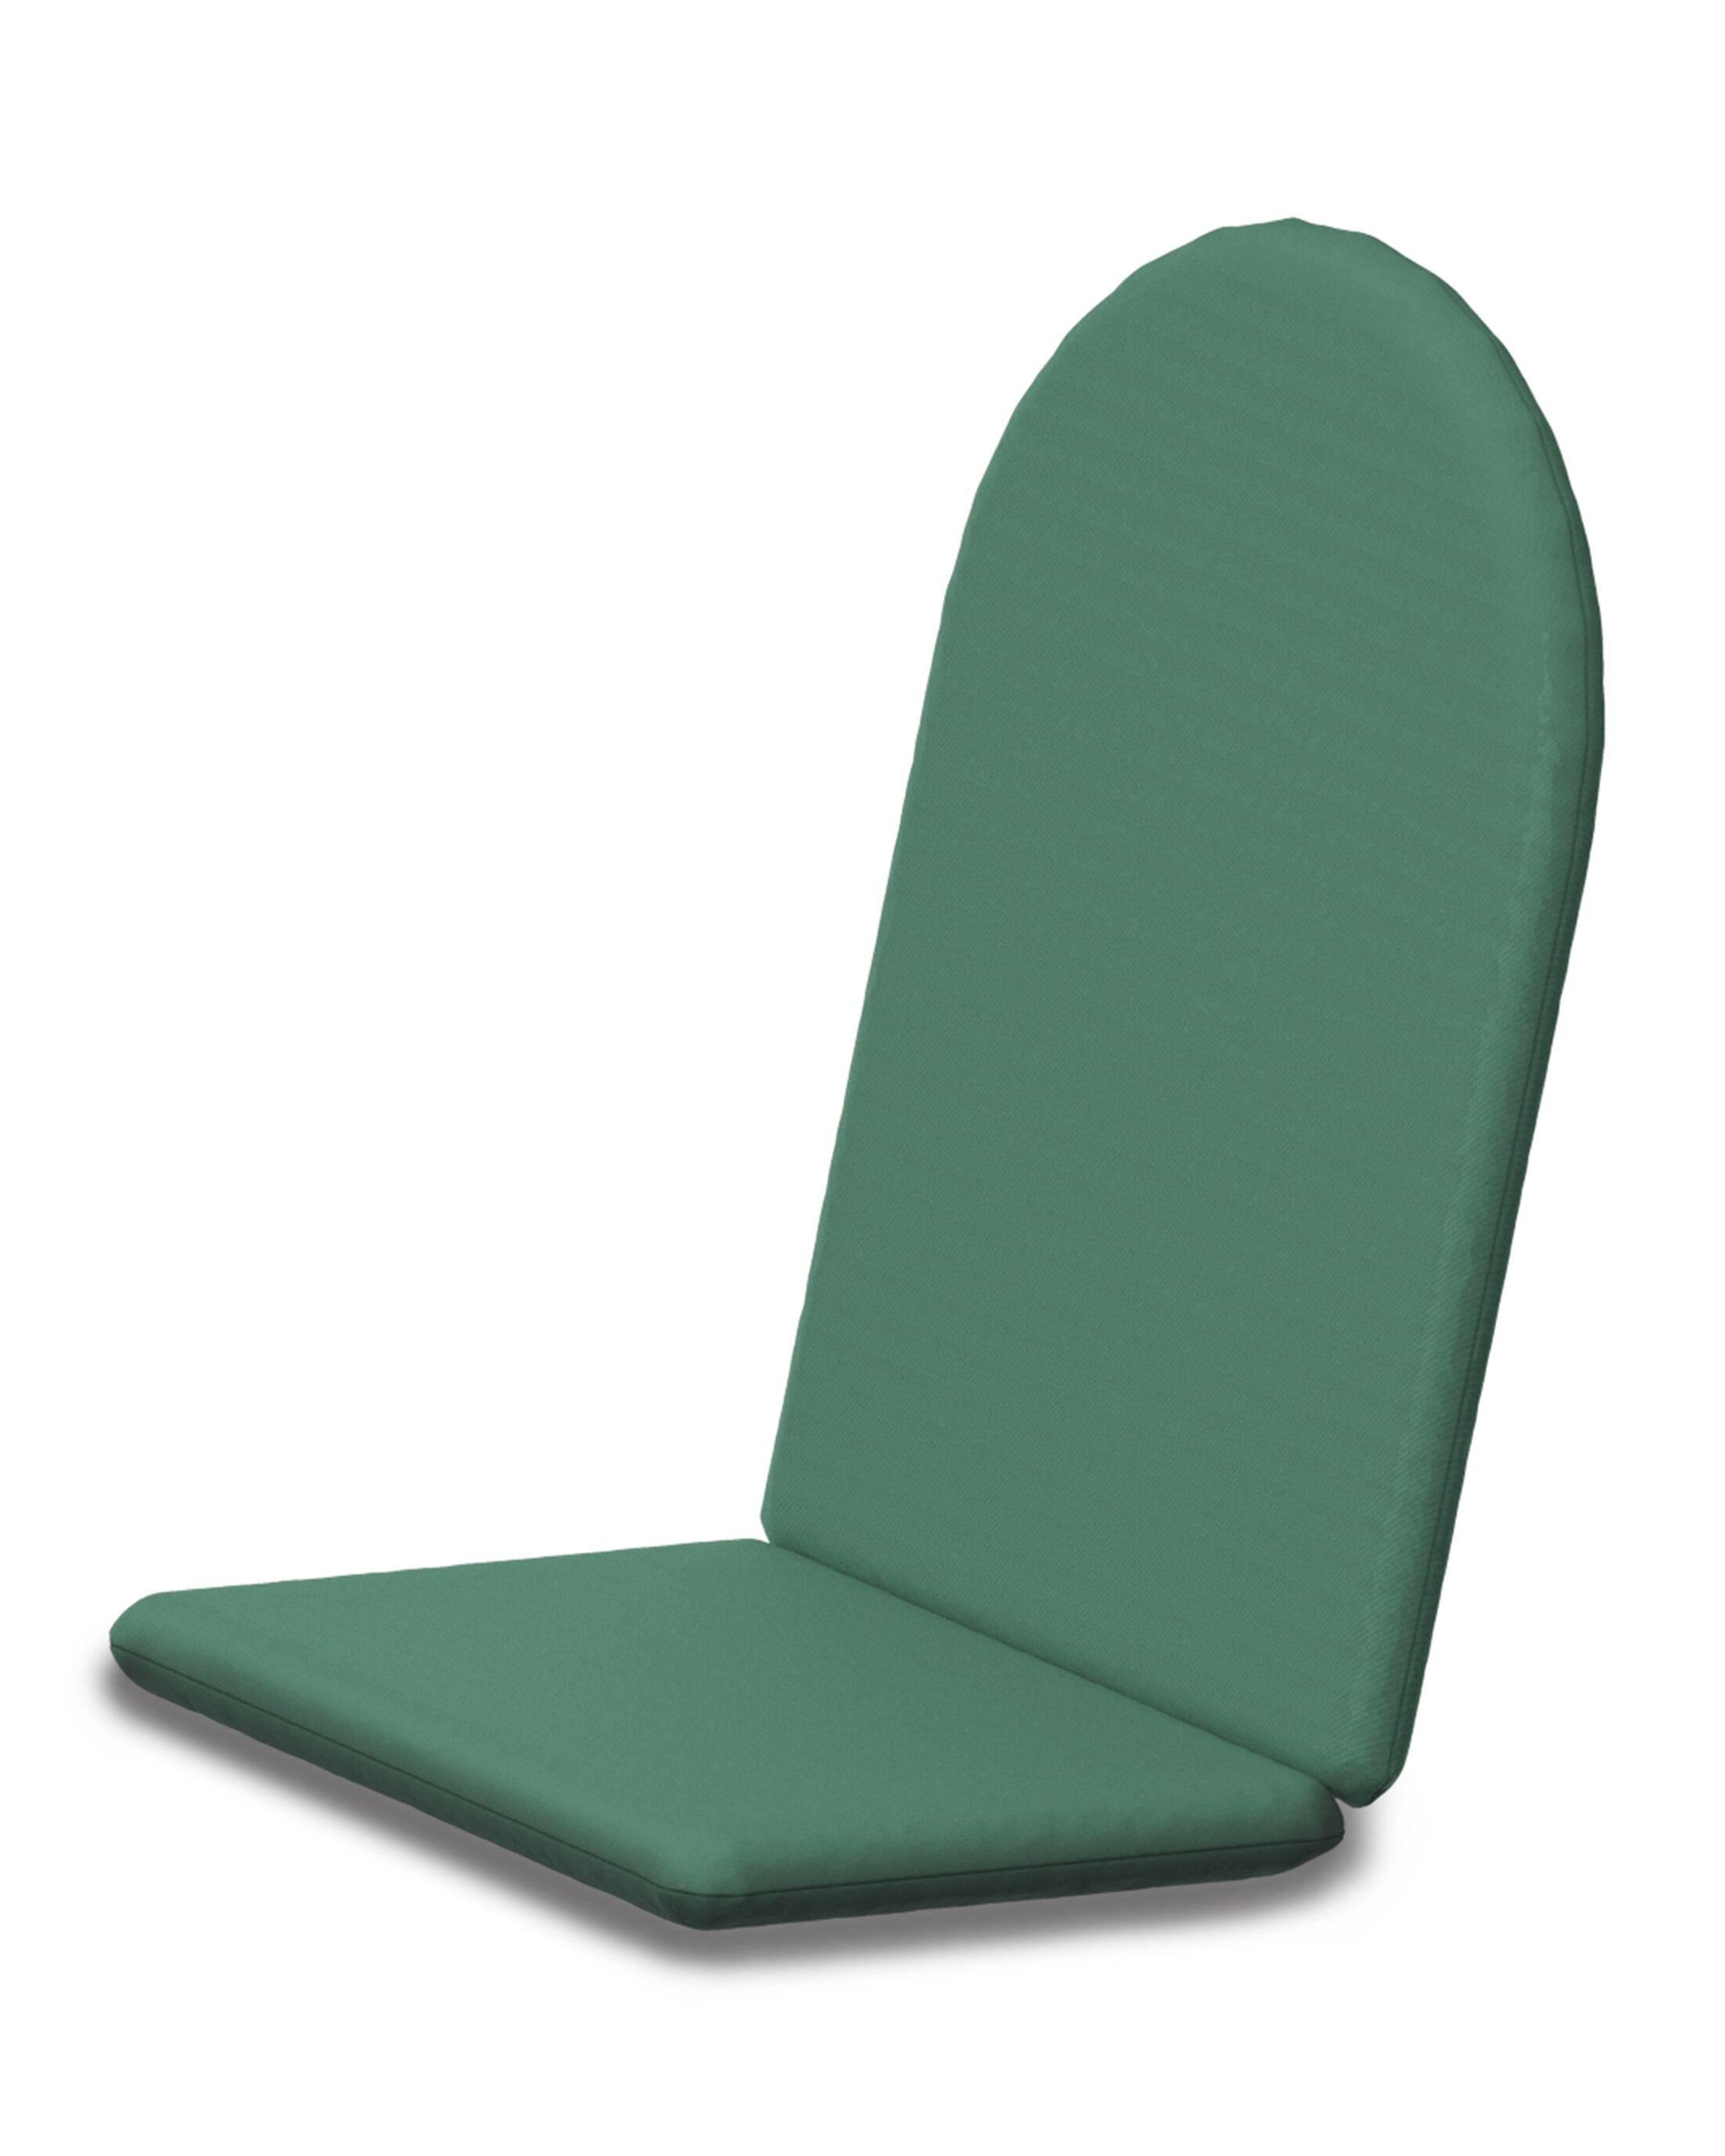 Indoor/Outdoor Sunbrella Adirondack Chair Cushion Fabric: Spa